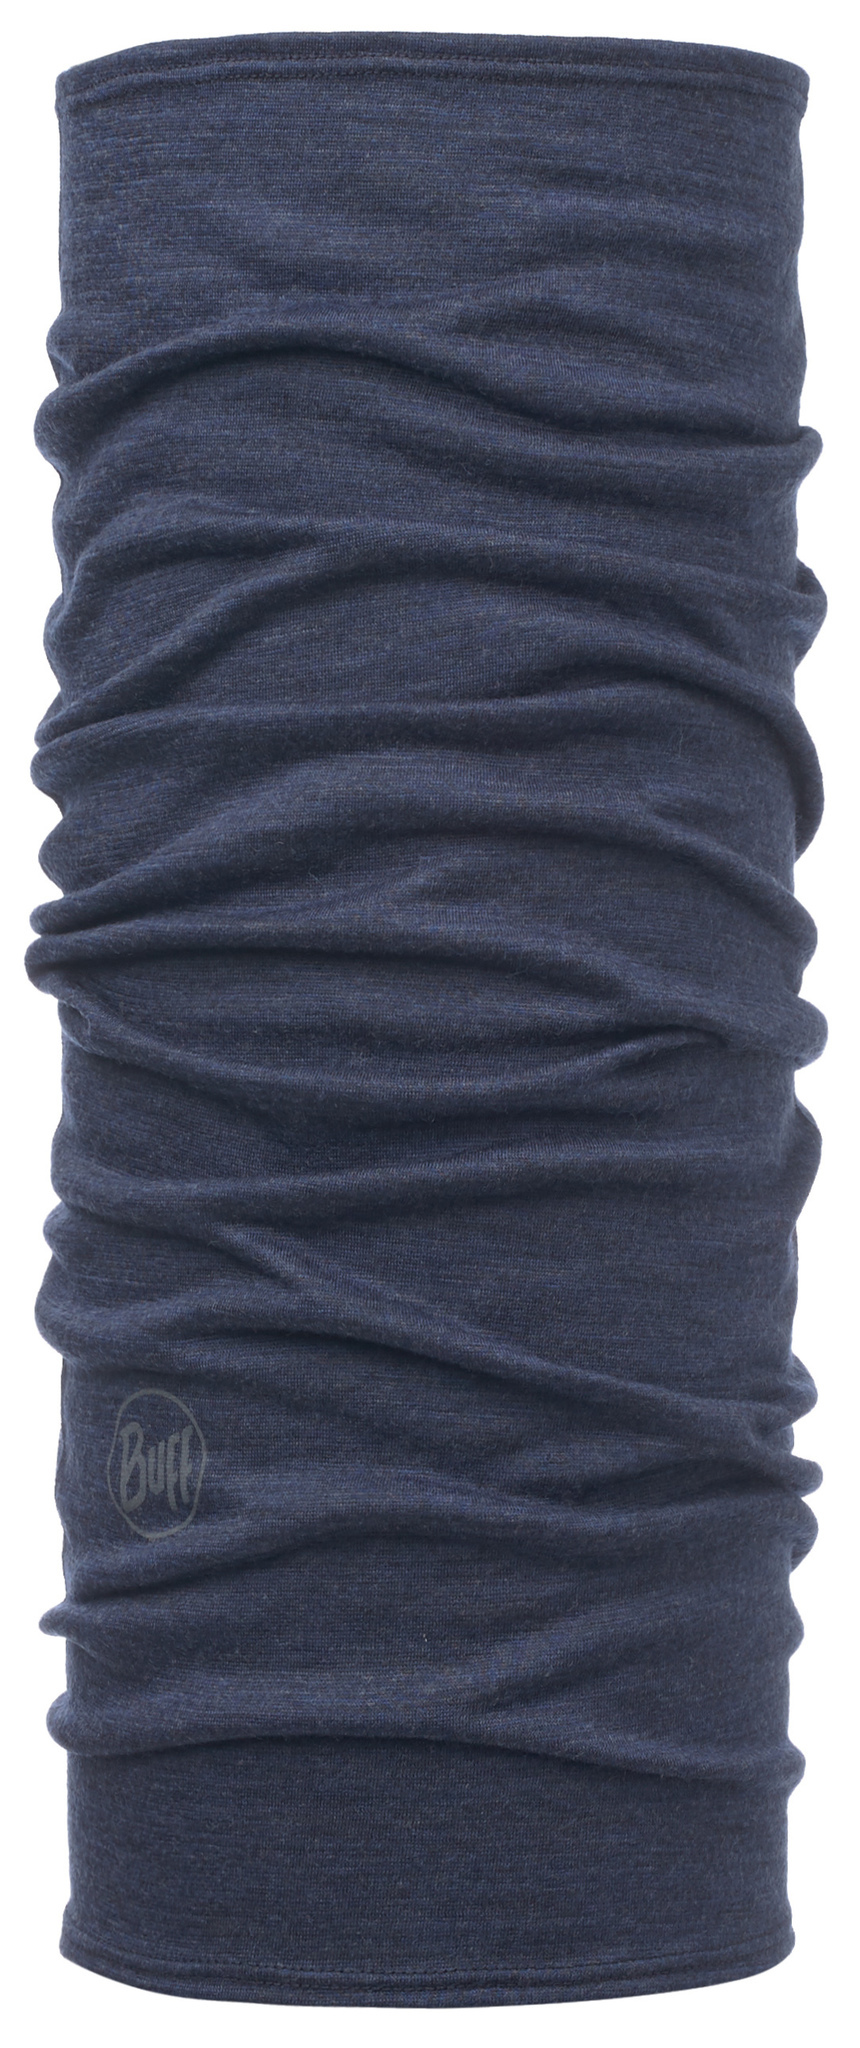 Детские шарфы Шарф-труба шерстяной Buff Solid Denim 113020.788.10.00.jpg